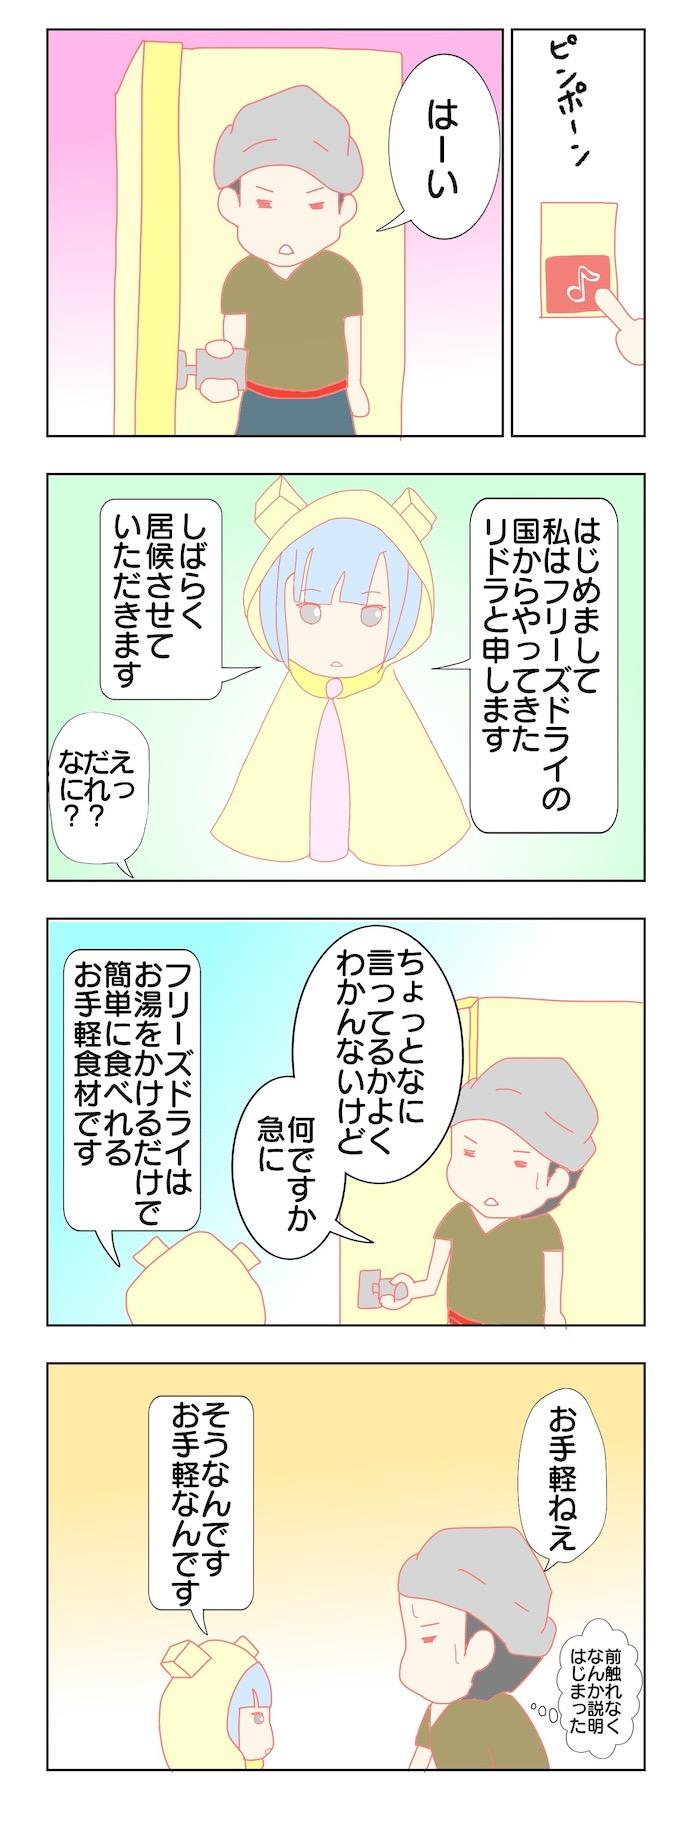 キムケン第一回漫画1